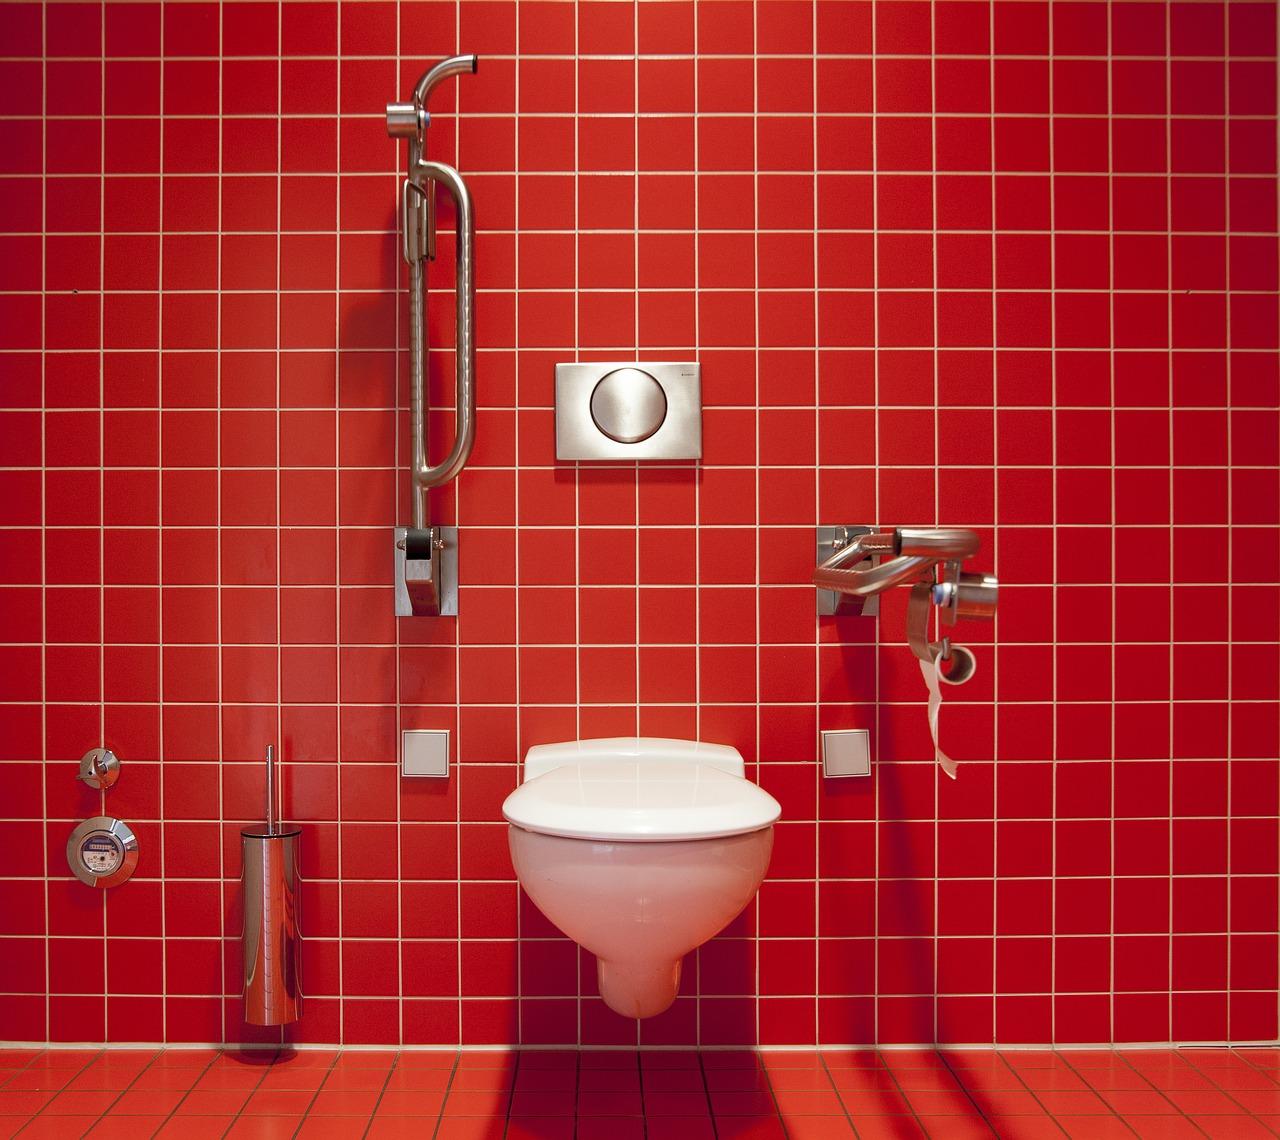 トイレの壁紙おしゃれ実例集|こんなトイレにしてみたいアイデア集